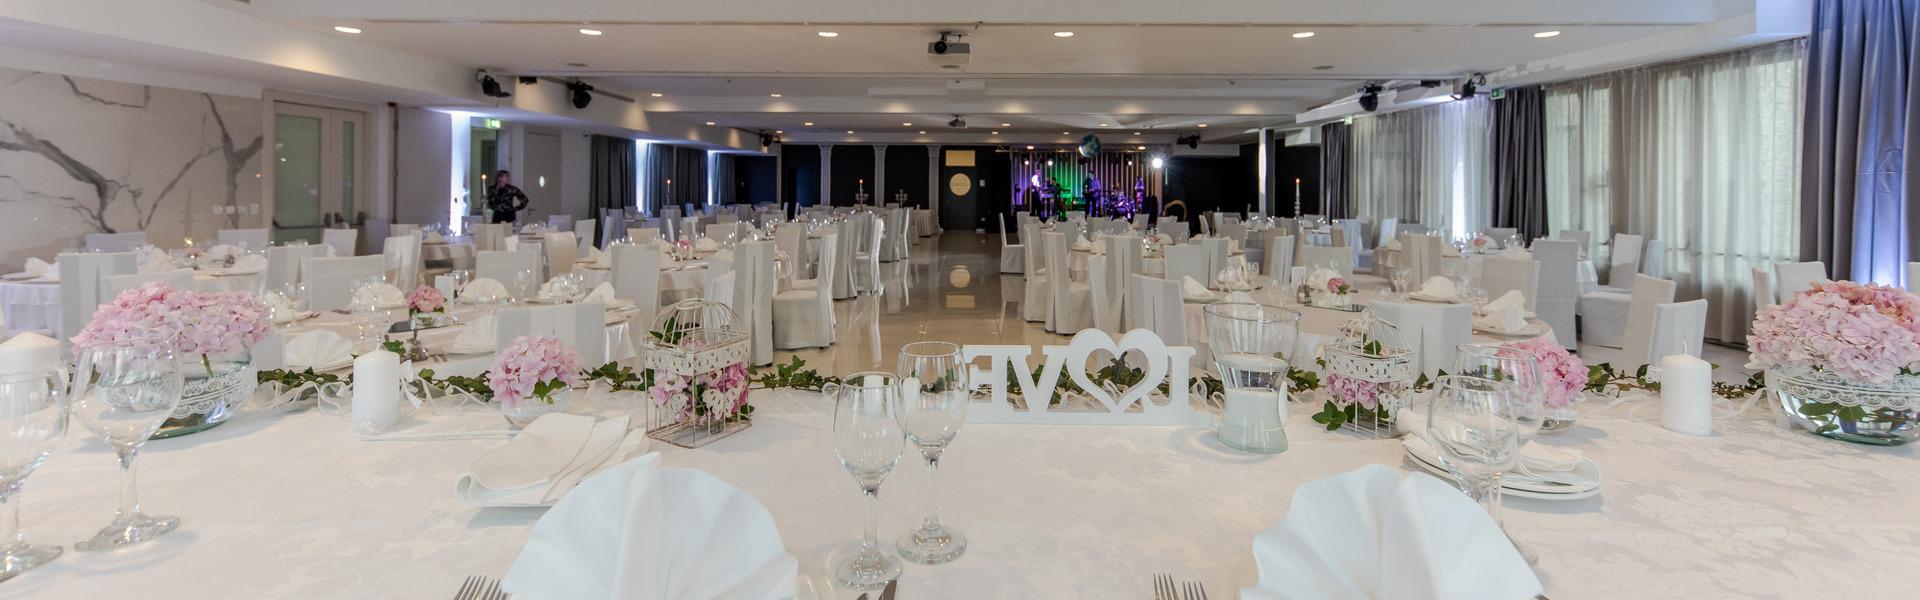 Vjenčanja u hotelu